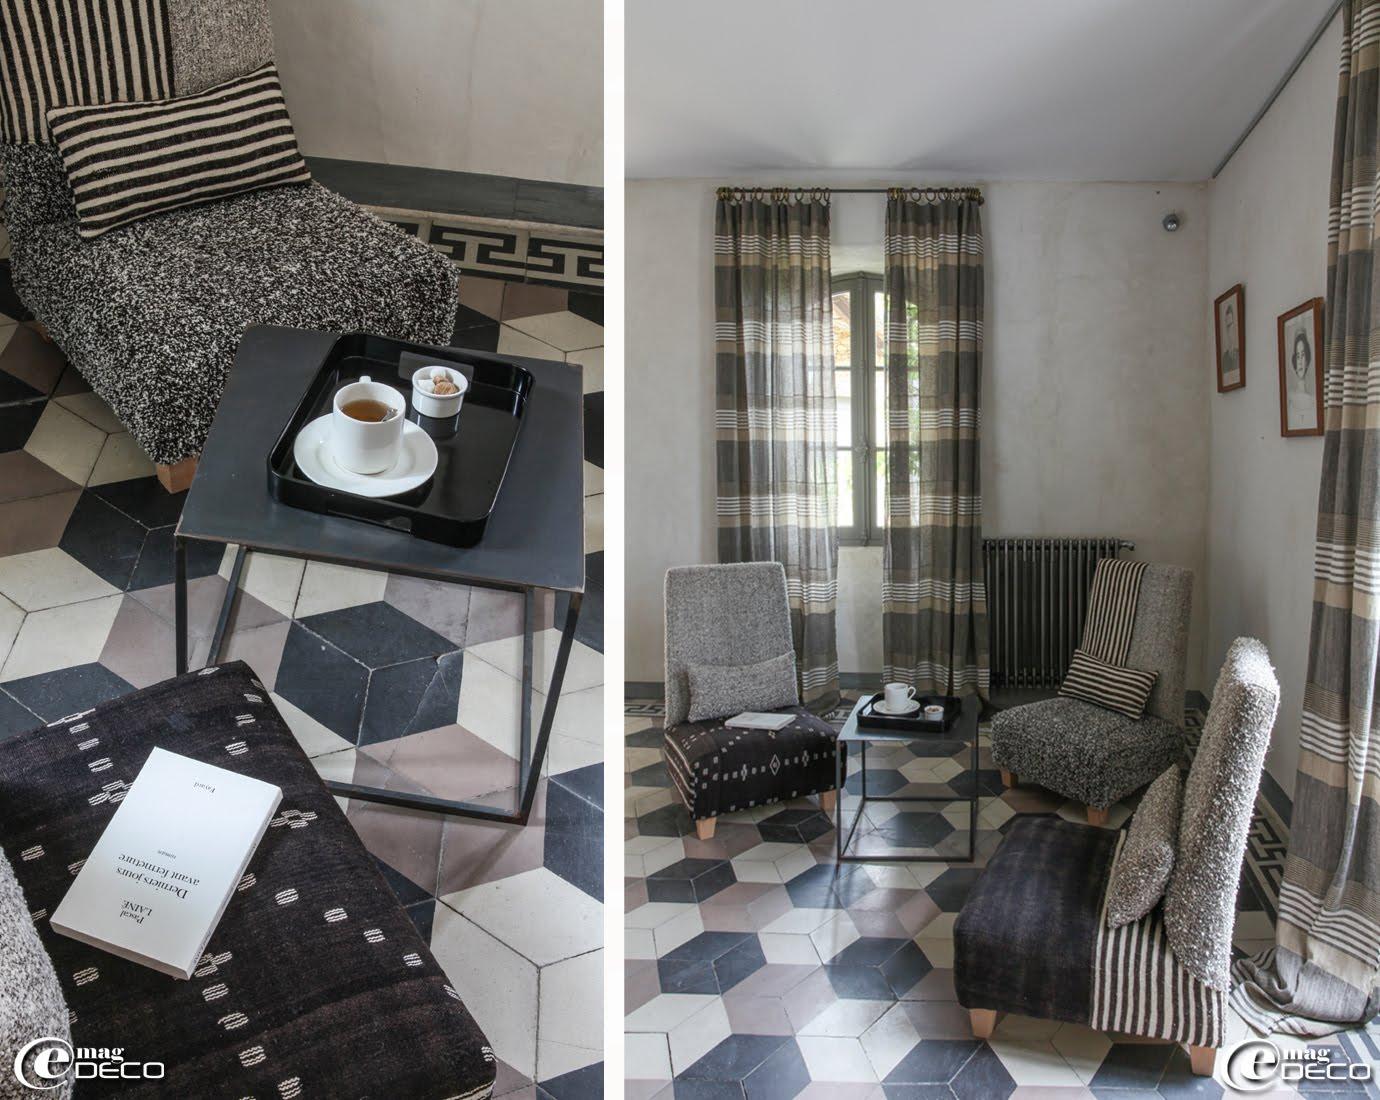 Dans le petit salon de lecture de la maison d'hôtes La Maison d'Ulysse, des chauffeuses FC-KA recouvertes d'un patchwork de tissus anciens tunisiens